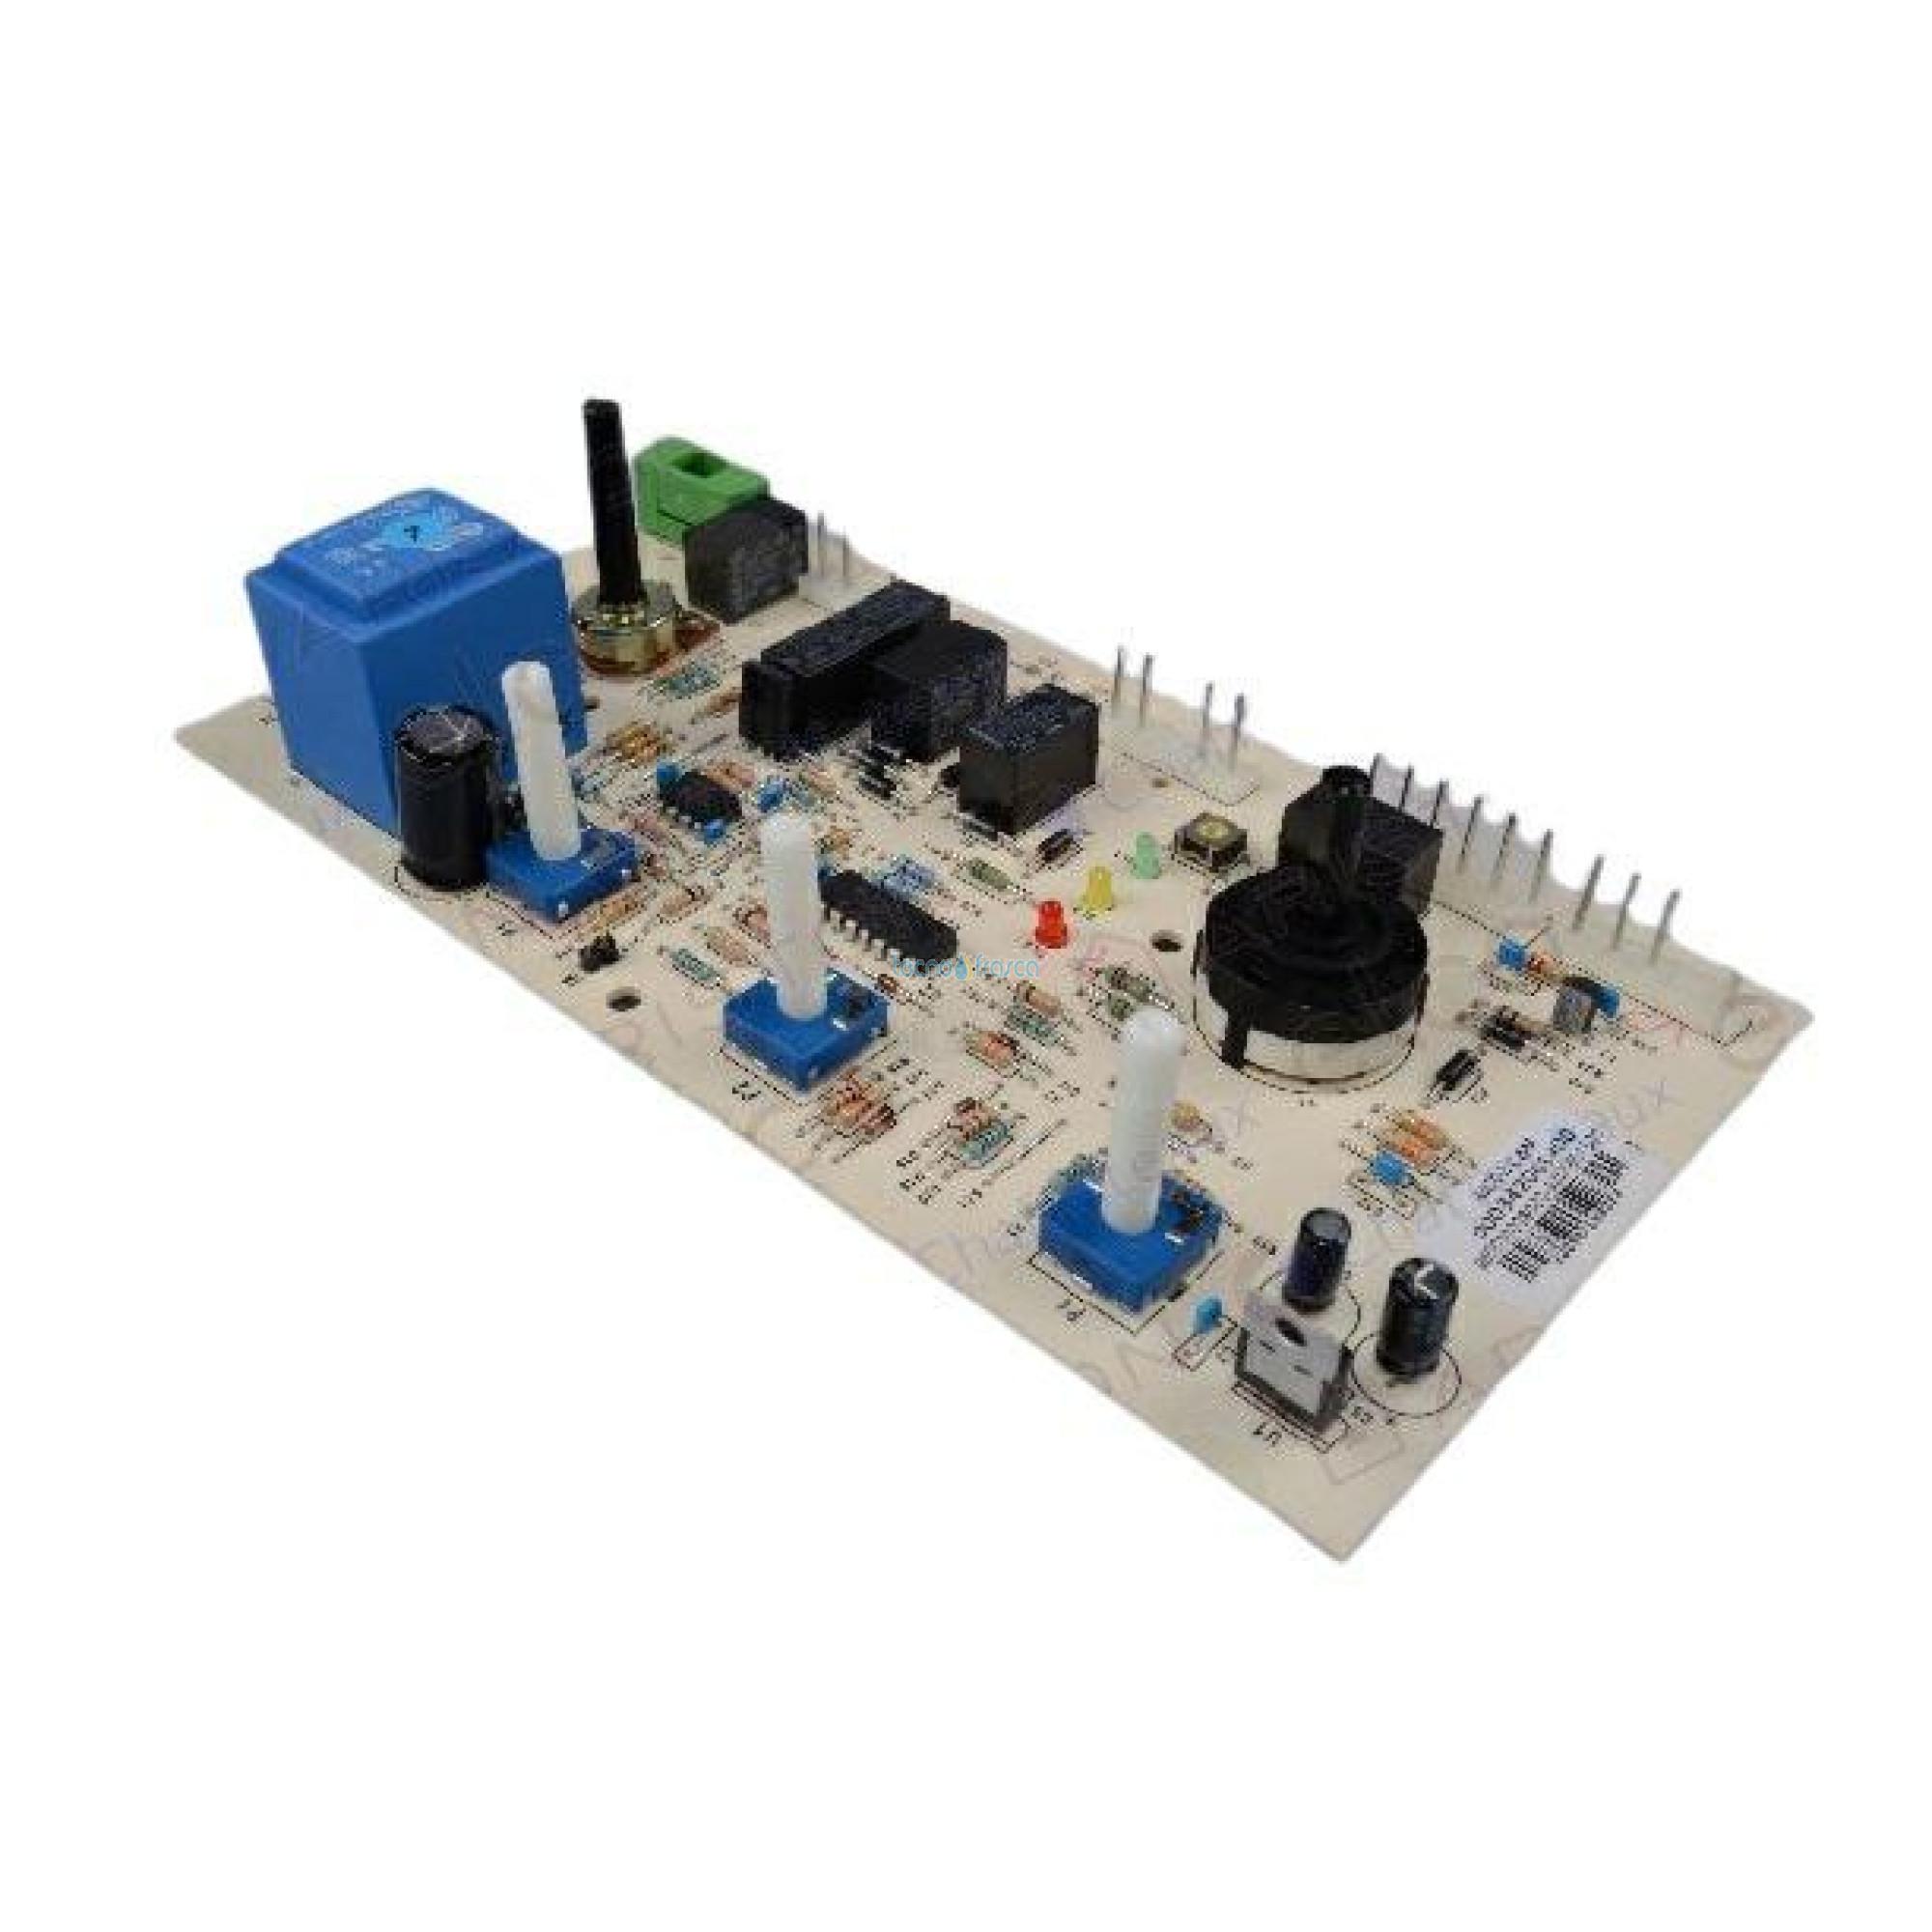 Chaffoteaux circuito stampato 61305143